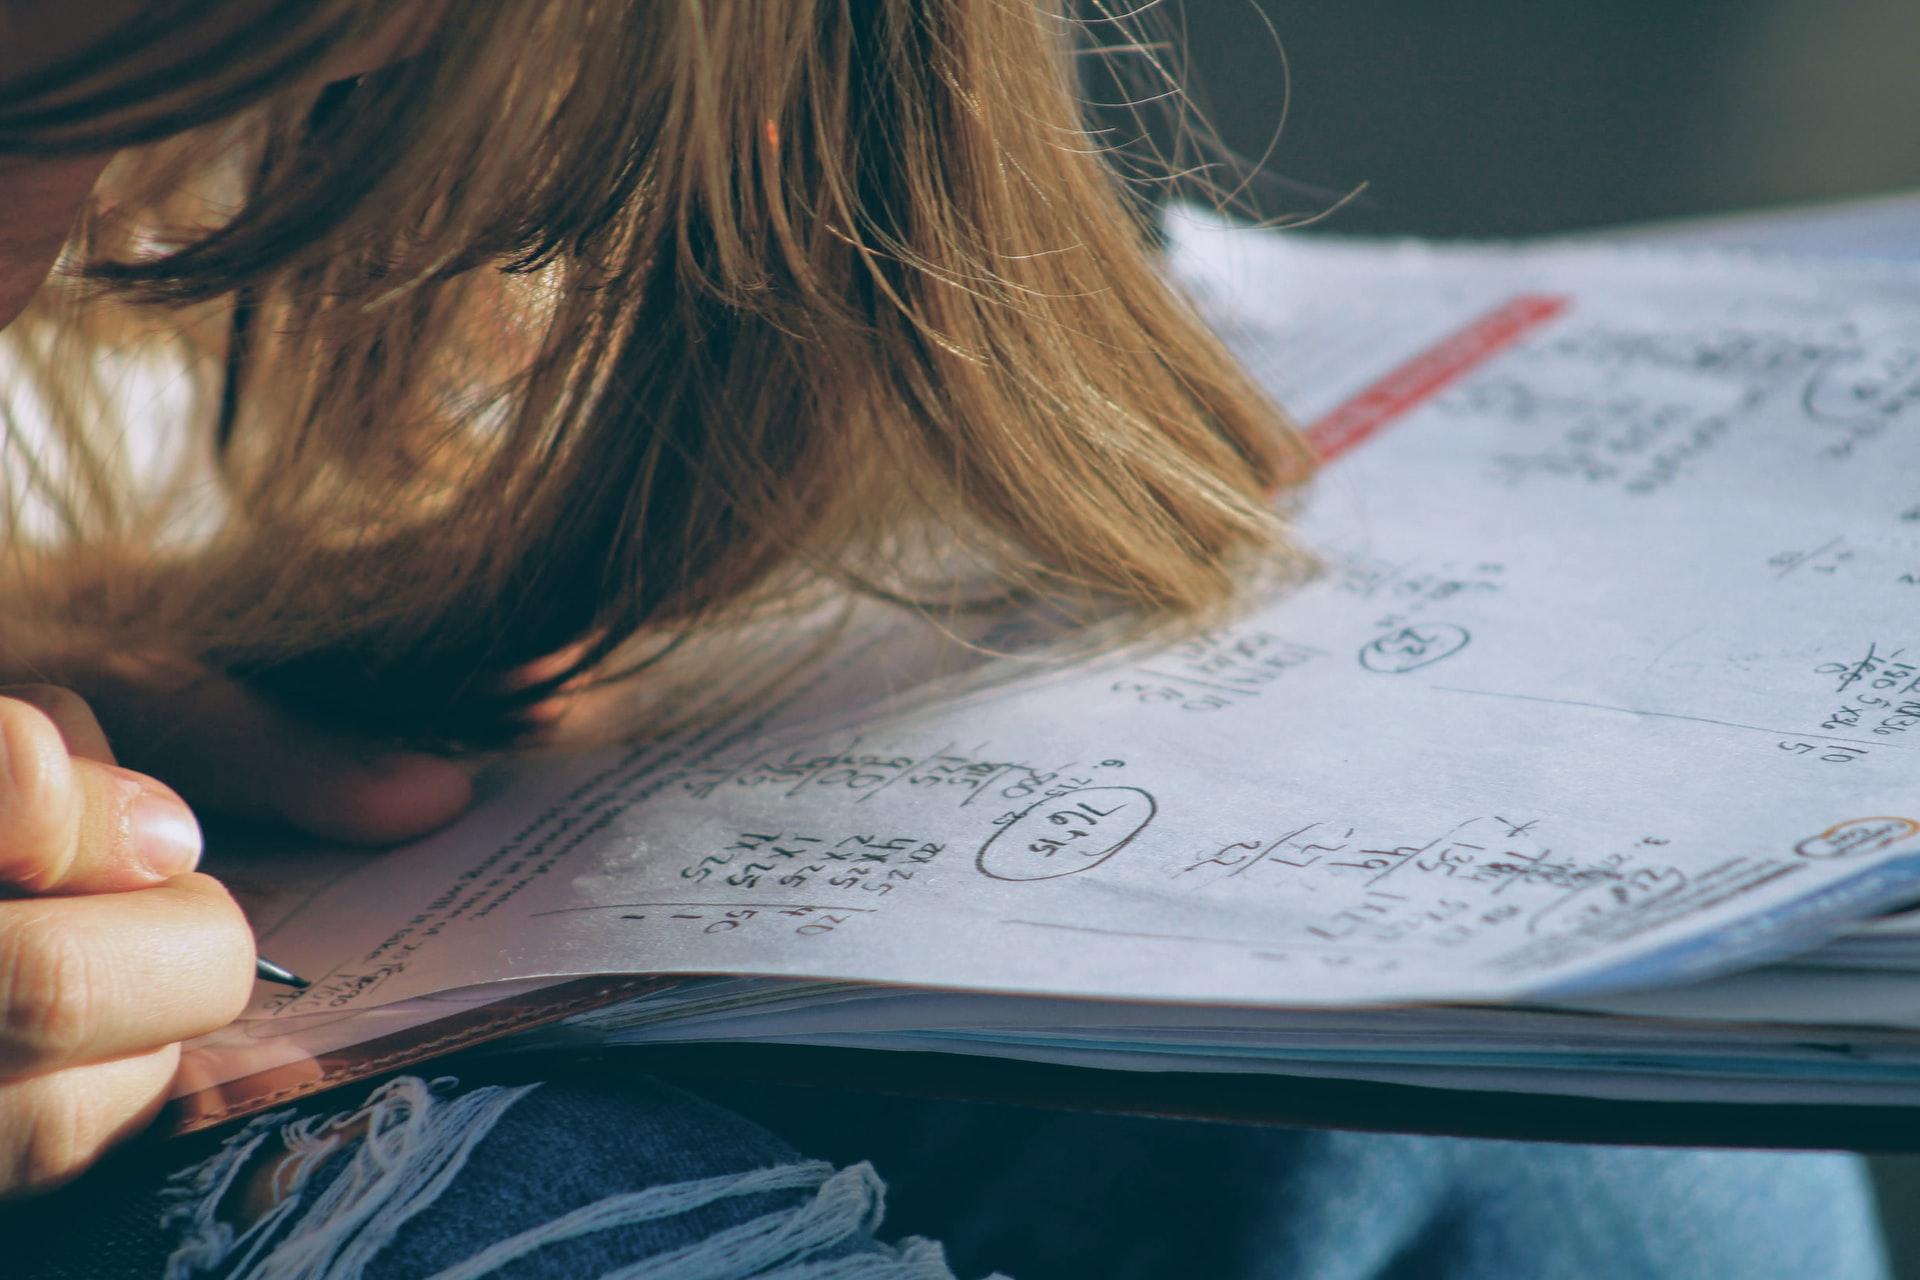 Woman studies math